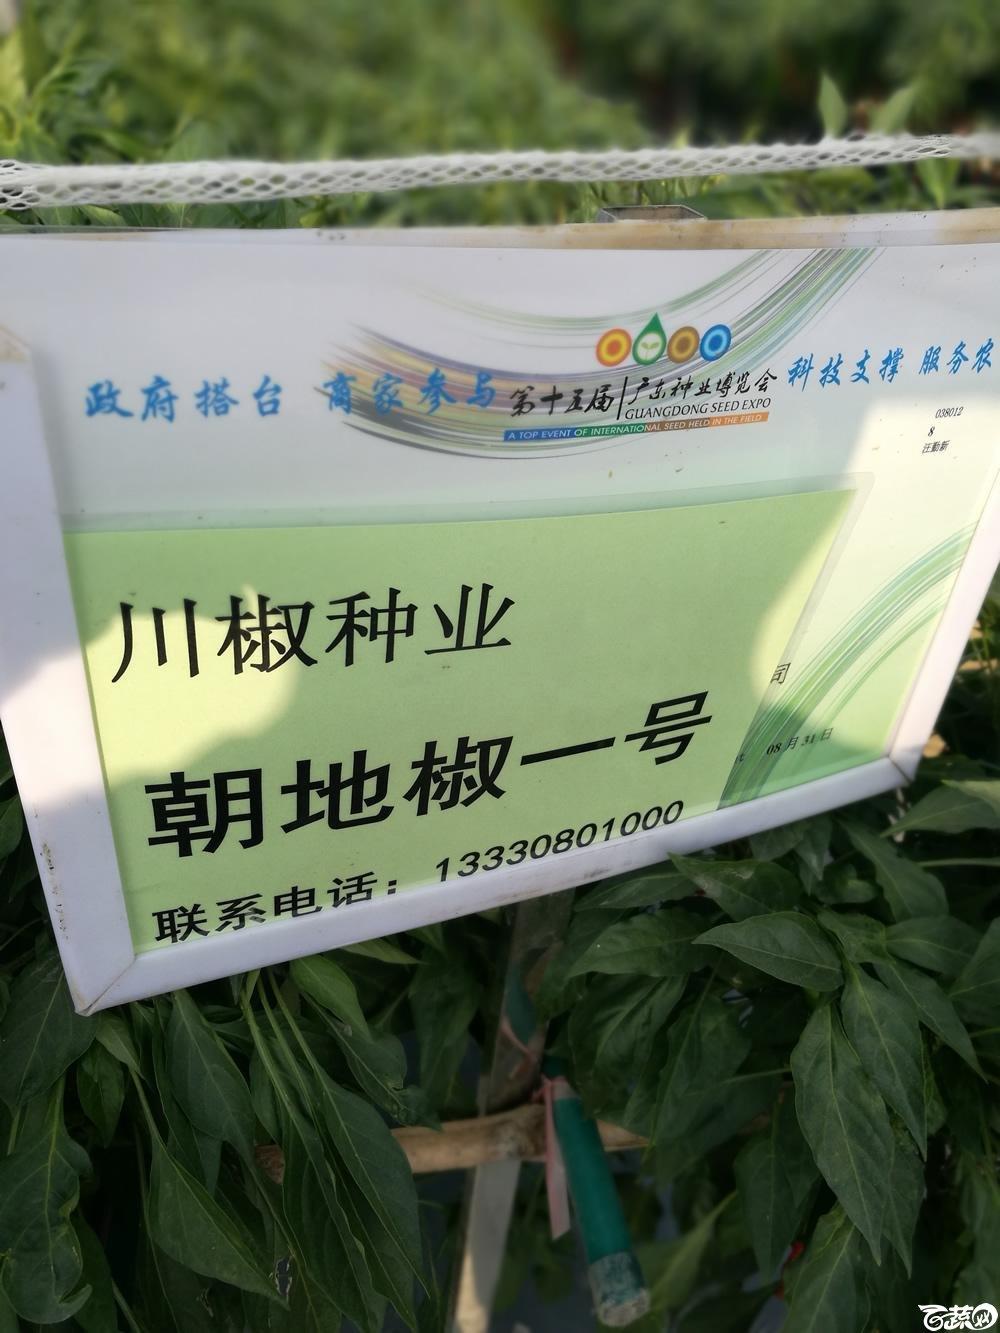 2016年15届广东种博会,四川川椒种苗公司朝地椒1号_001.jpg